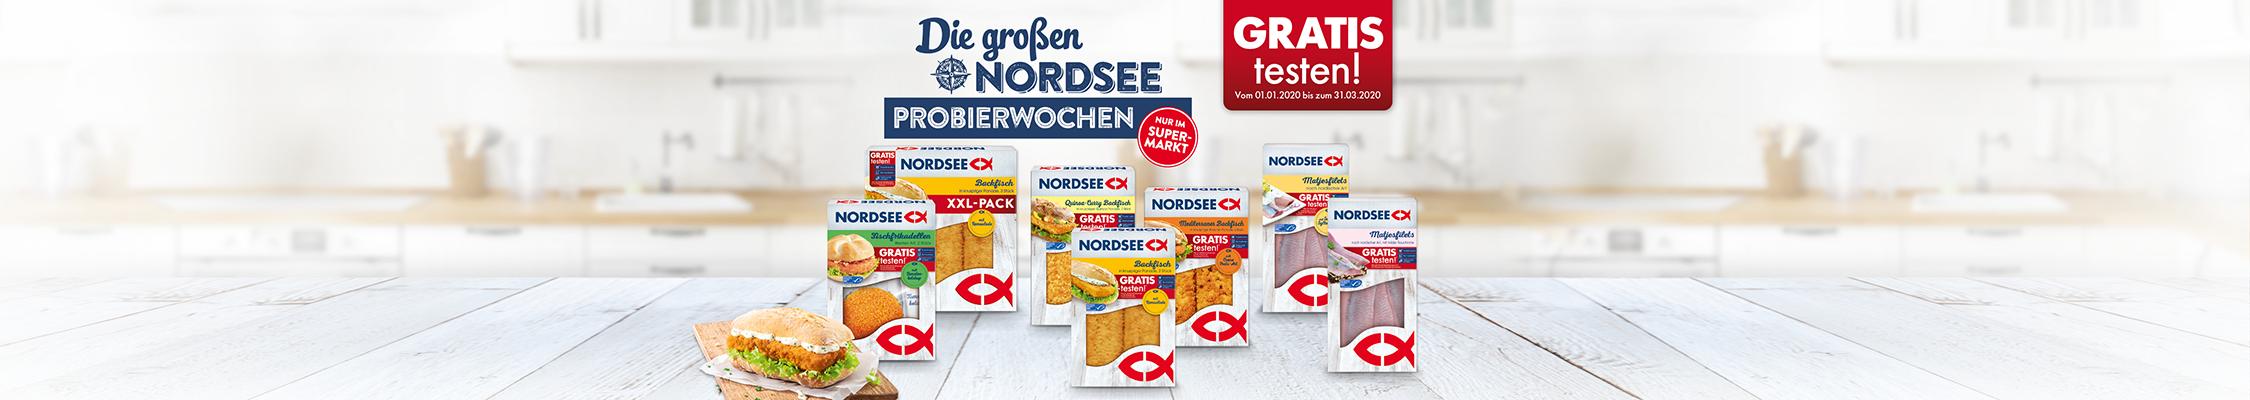 https://www.nordsee.com/fileadmin/redaktion/Specials/Nordsee_Probierwochen/HOM_Header_Probierwochen-2020_2250x400px_191219.png